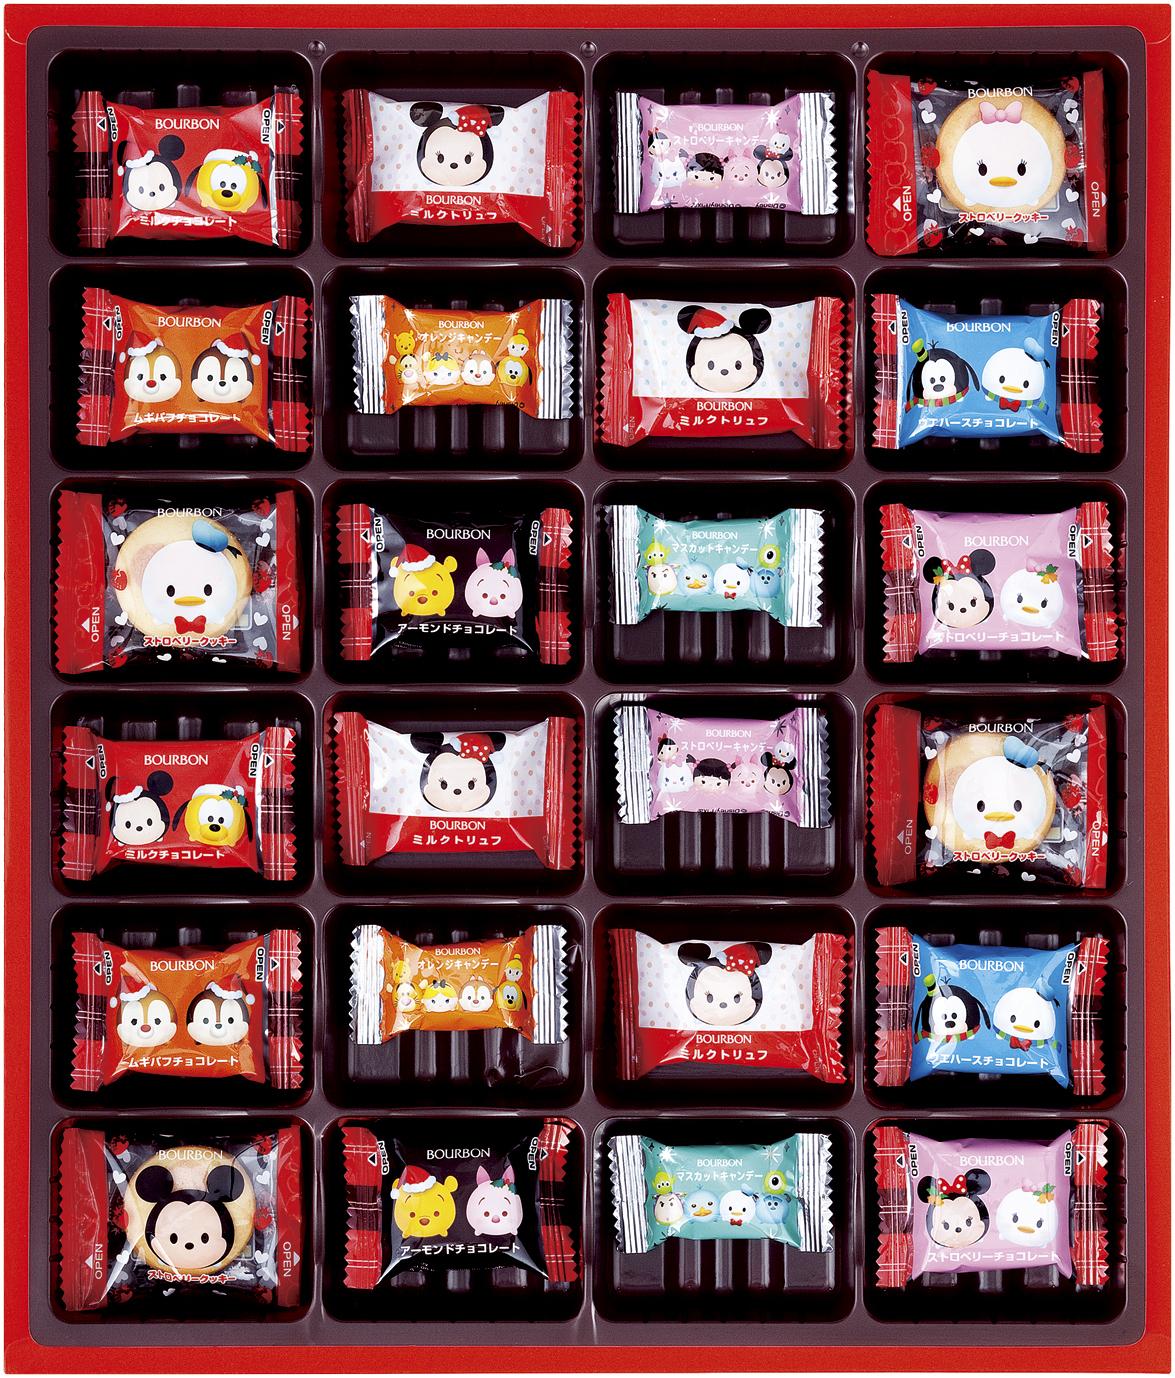 ブルボン、ディズニーツムツムなどをデザインしたクリスマス向け商品10